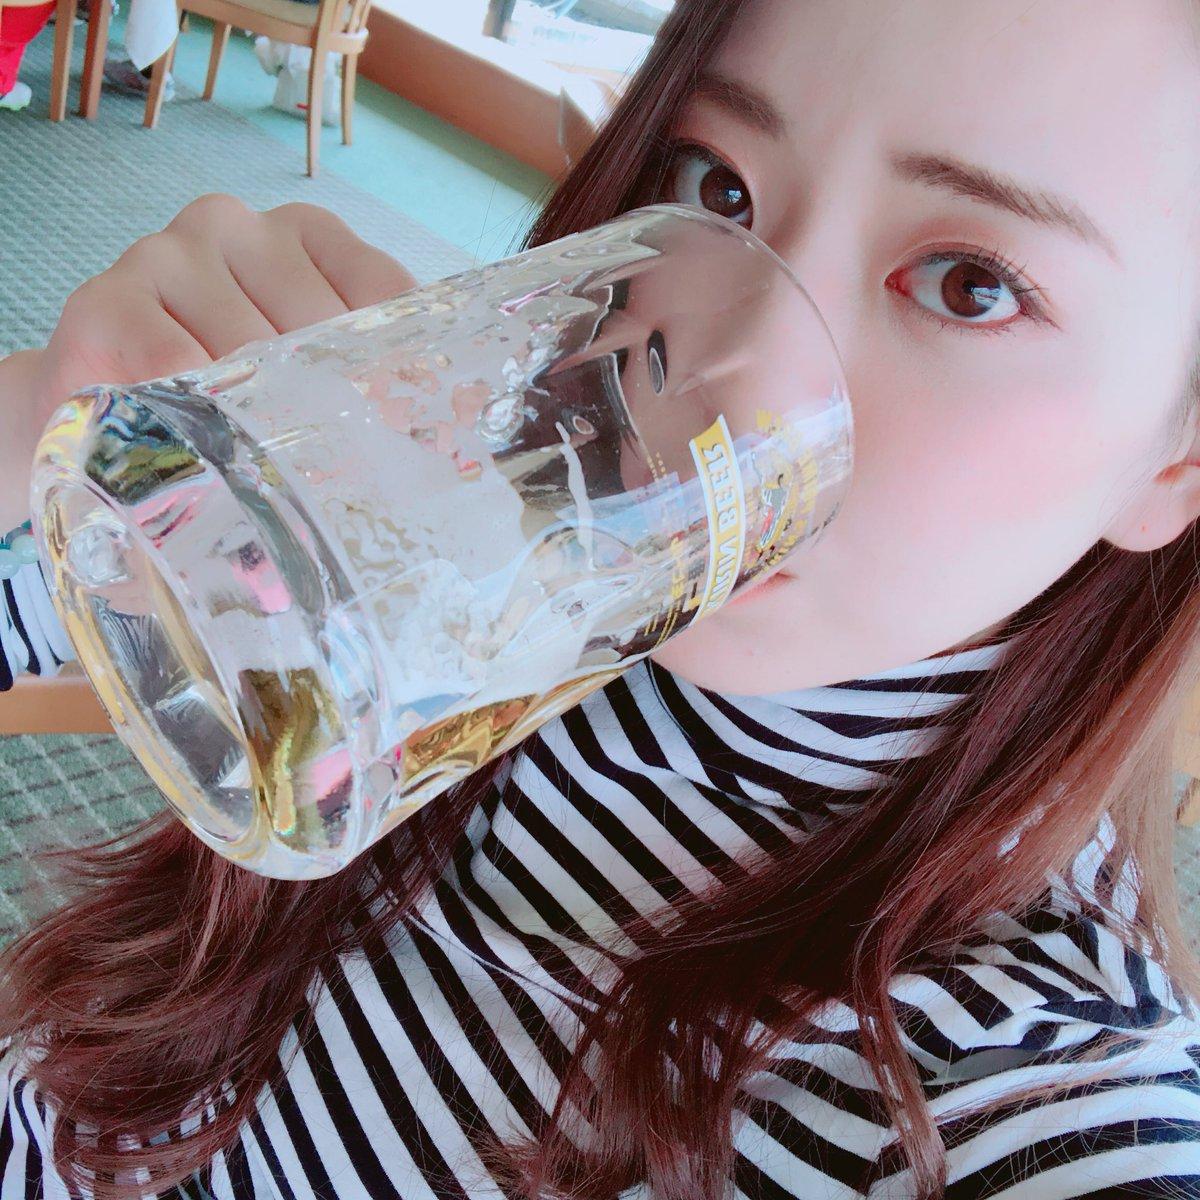 ビールを飲む関根りさ